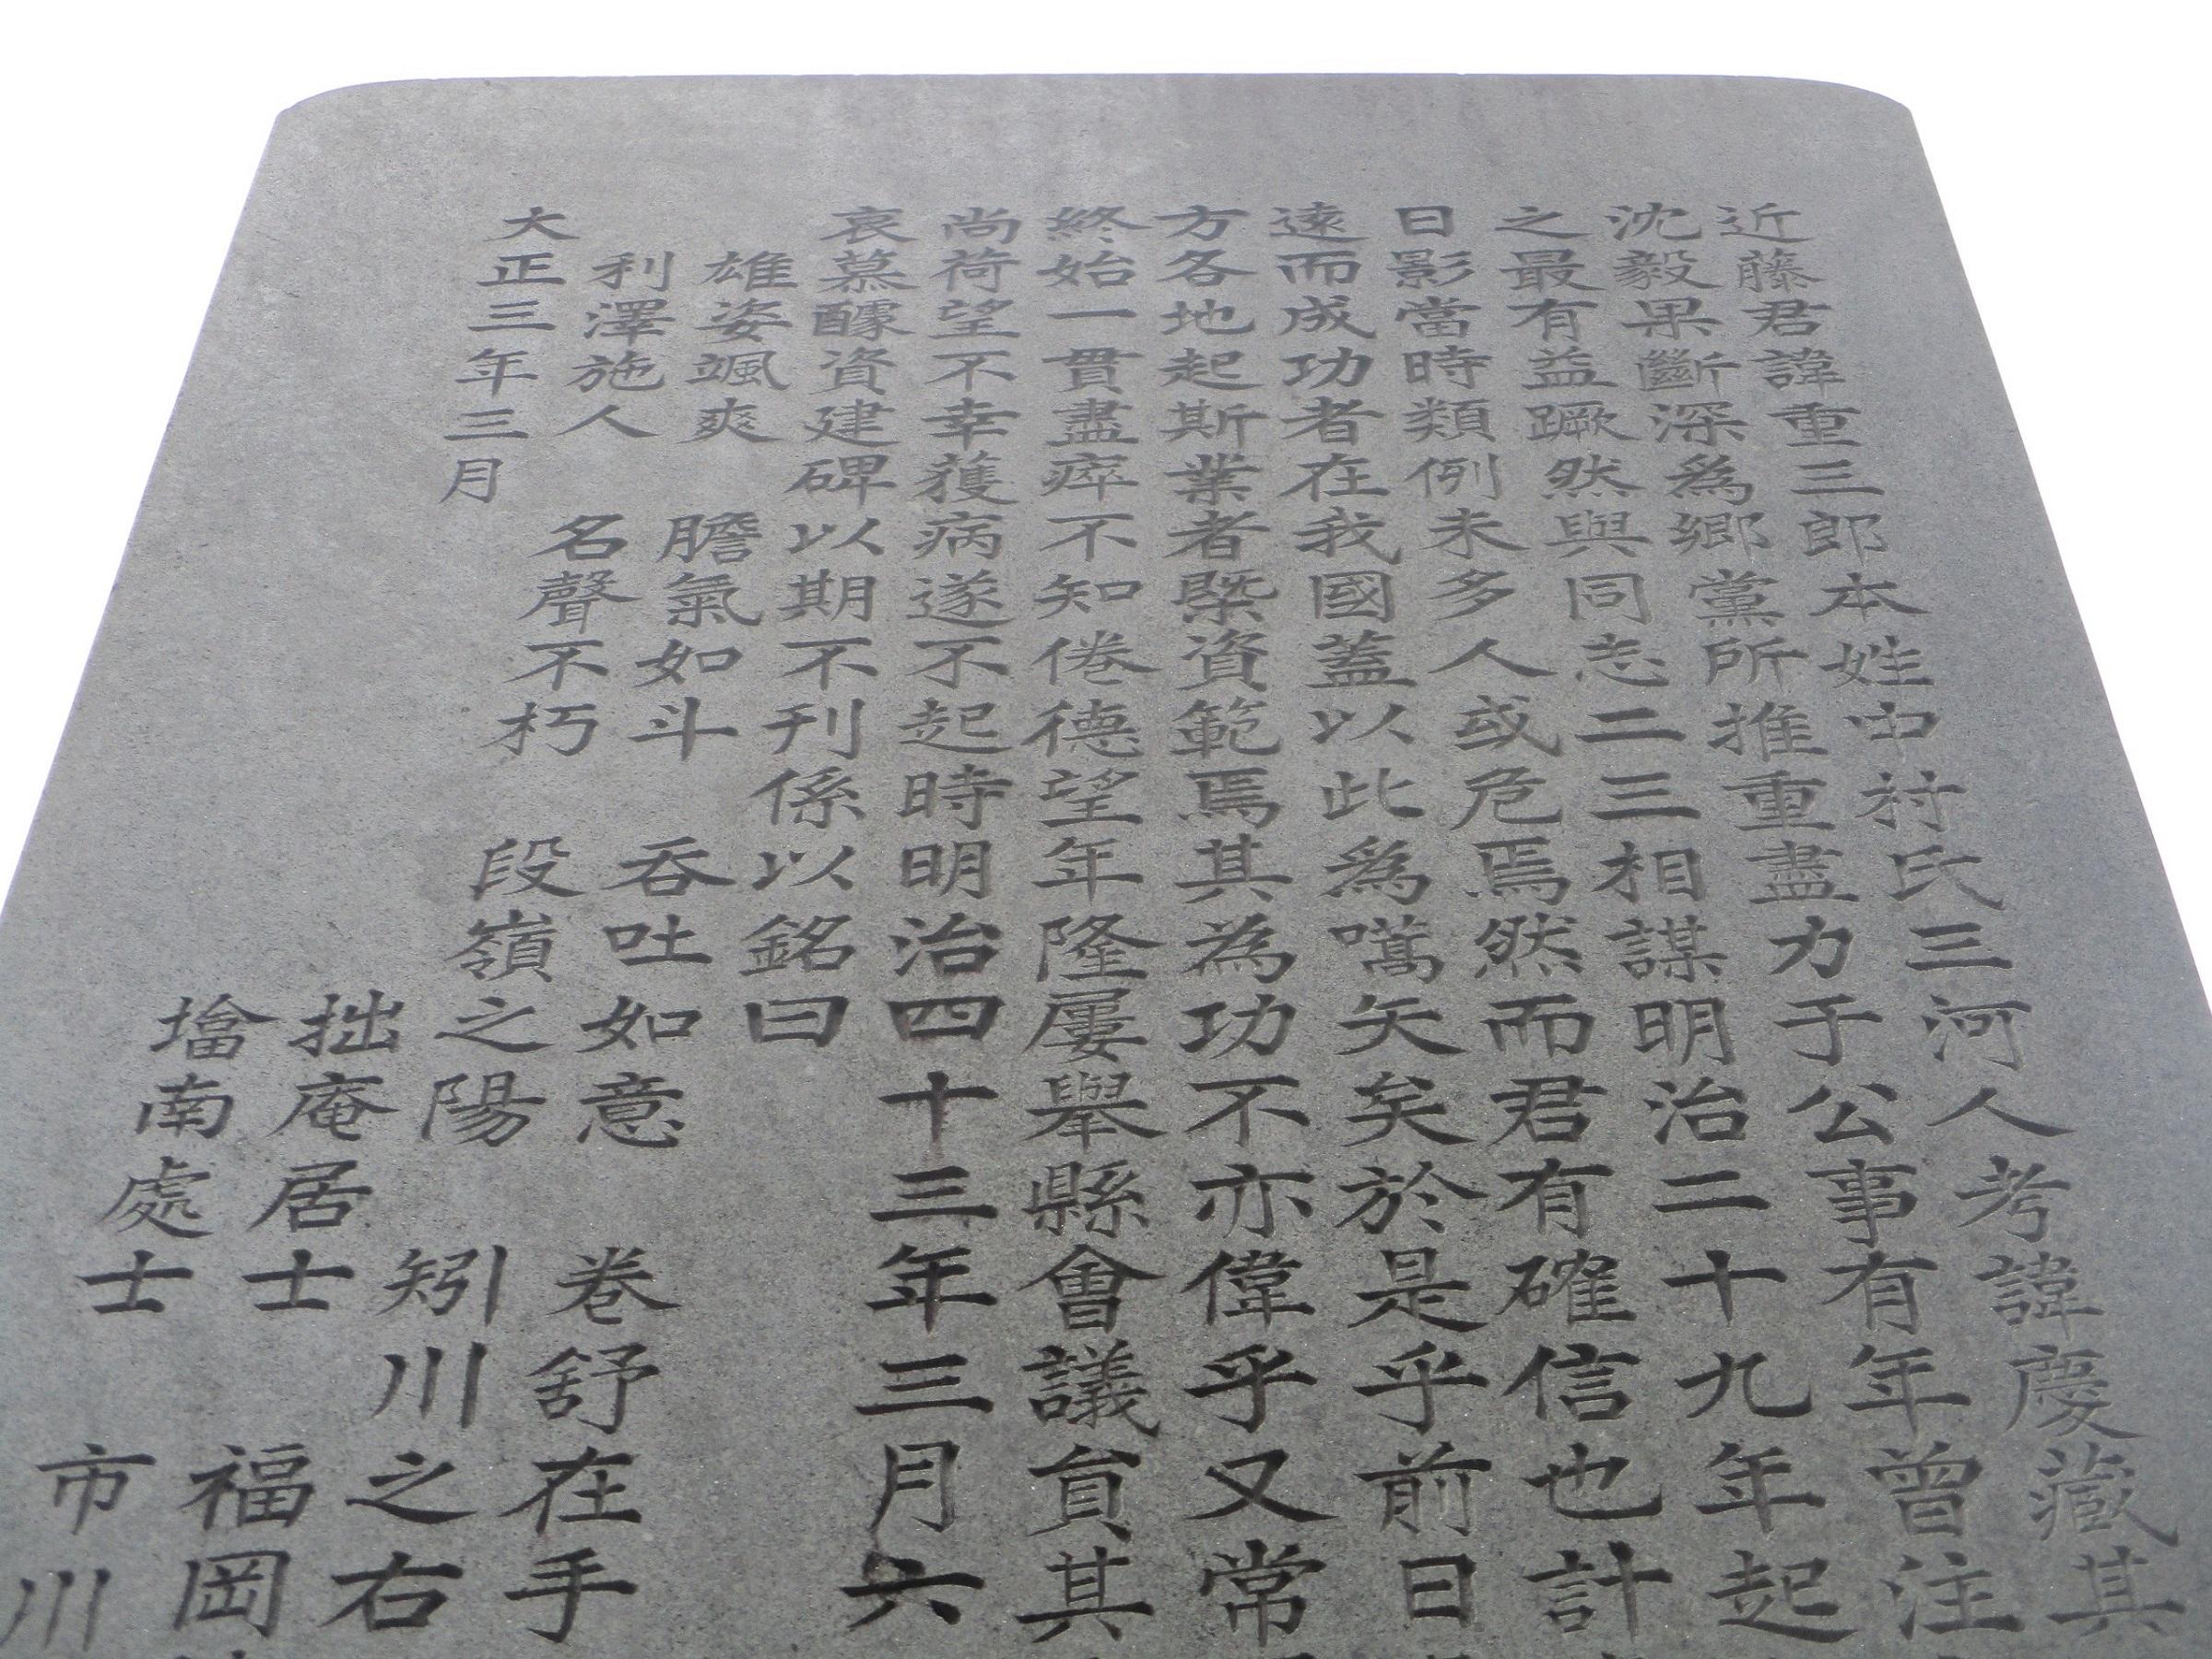 2020.6.3 (18-1) 近藤重三郎くんのいしぶみ - うらめん 2400-1800